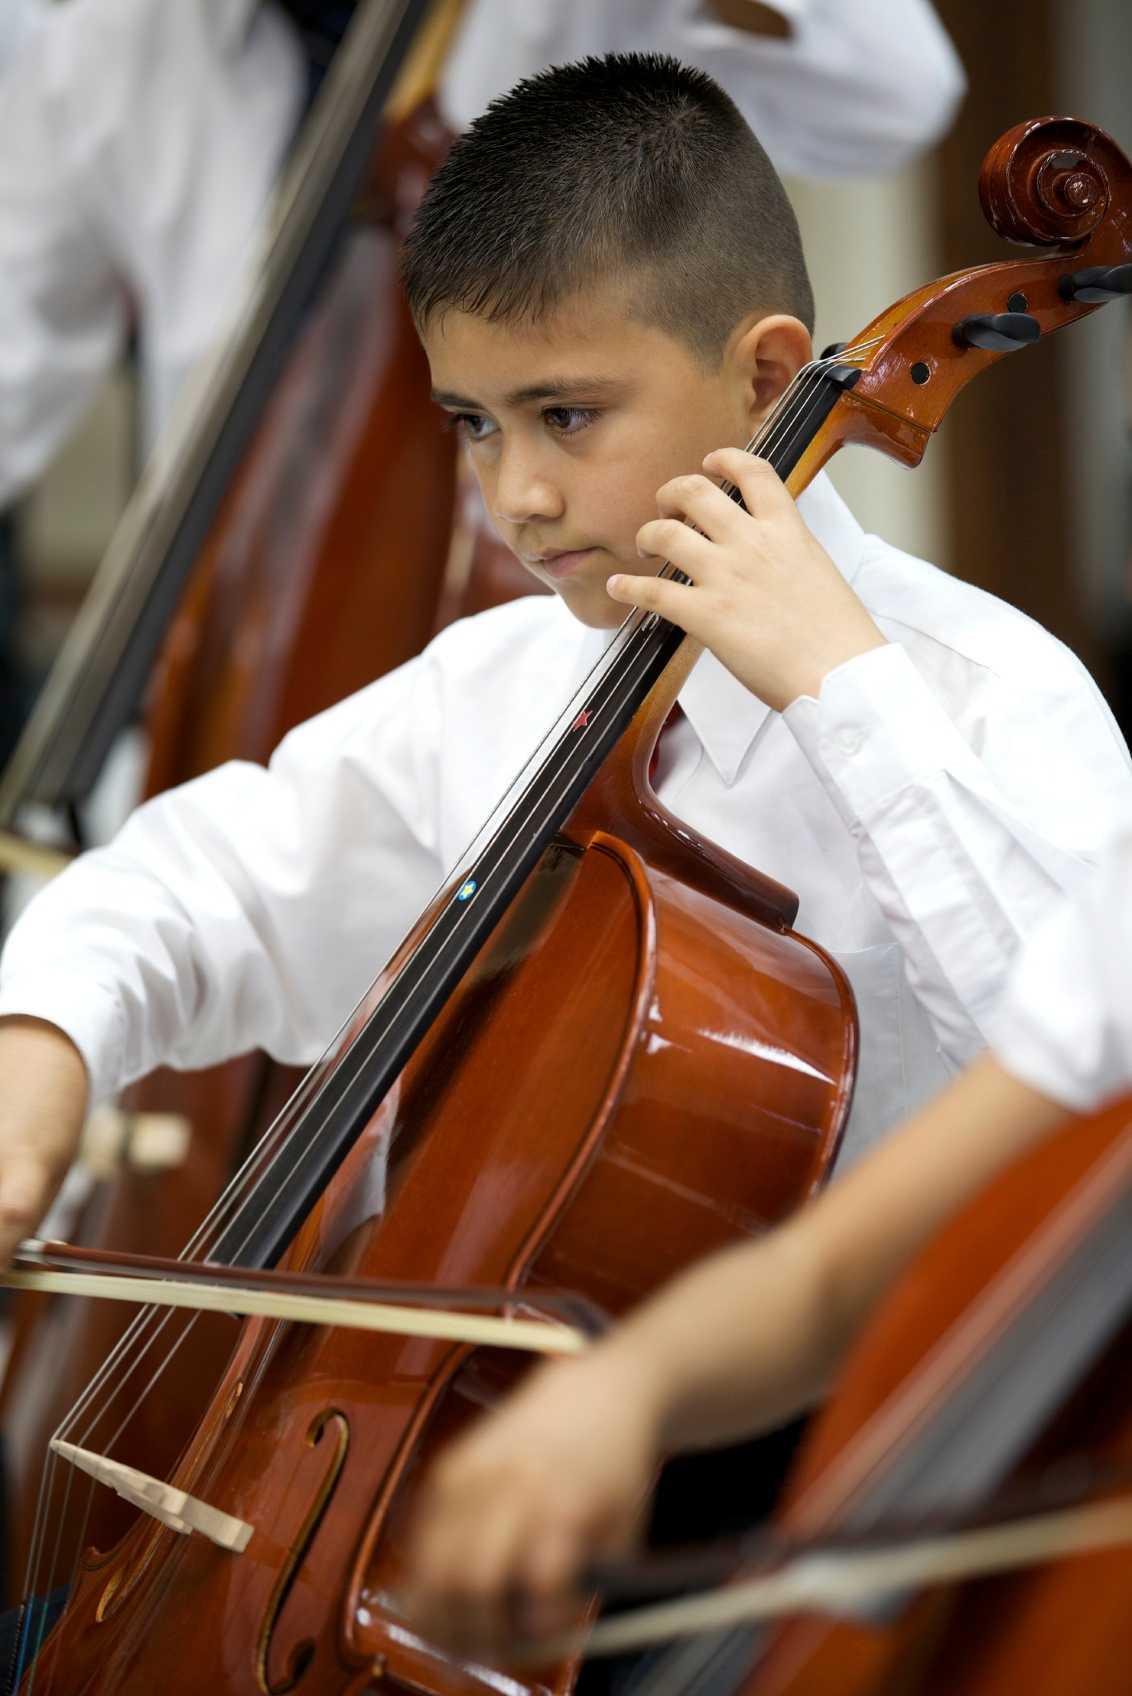 Boy playing a cello